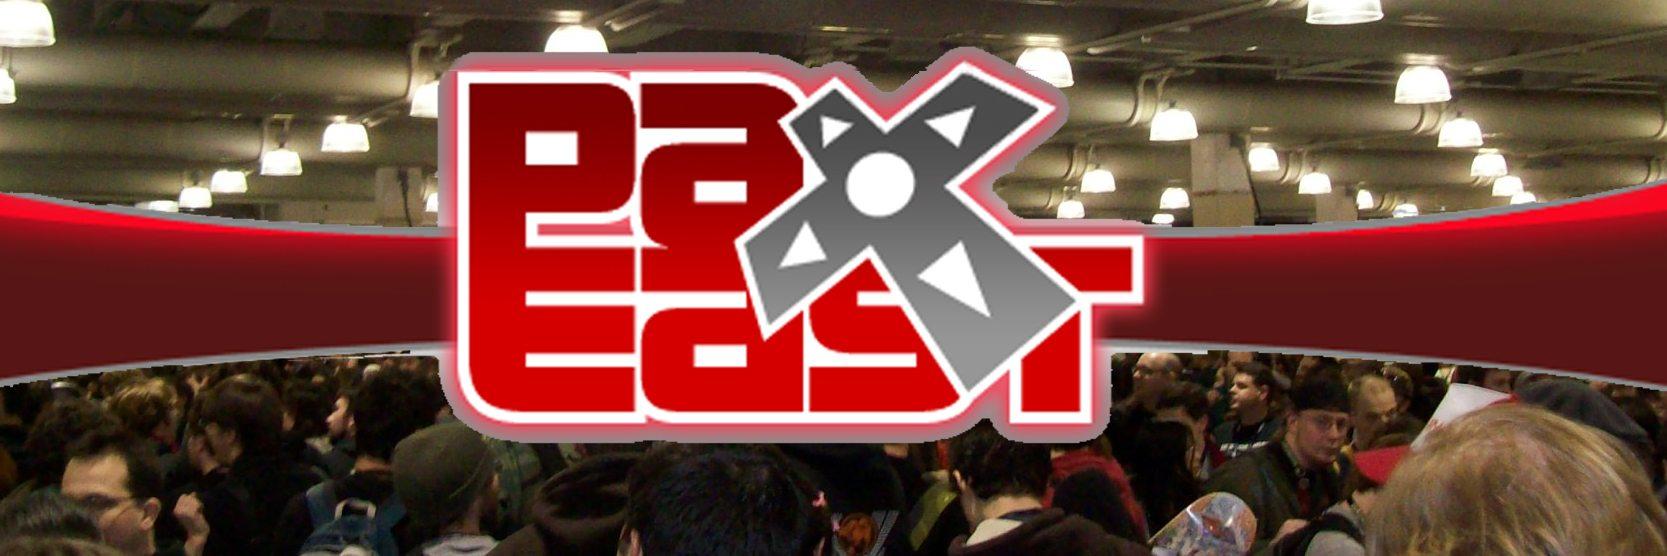 pax-bago_games